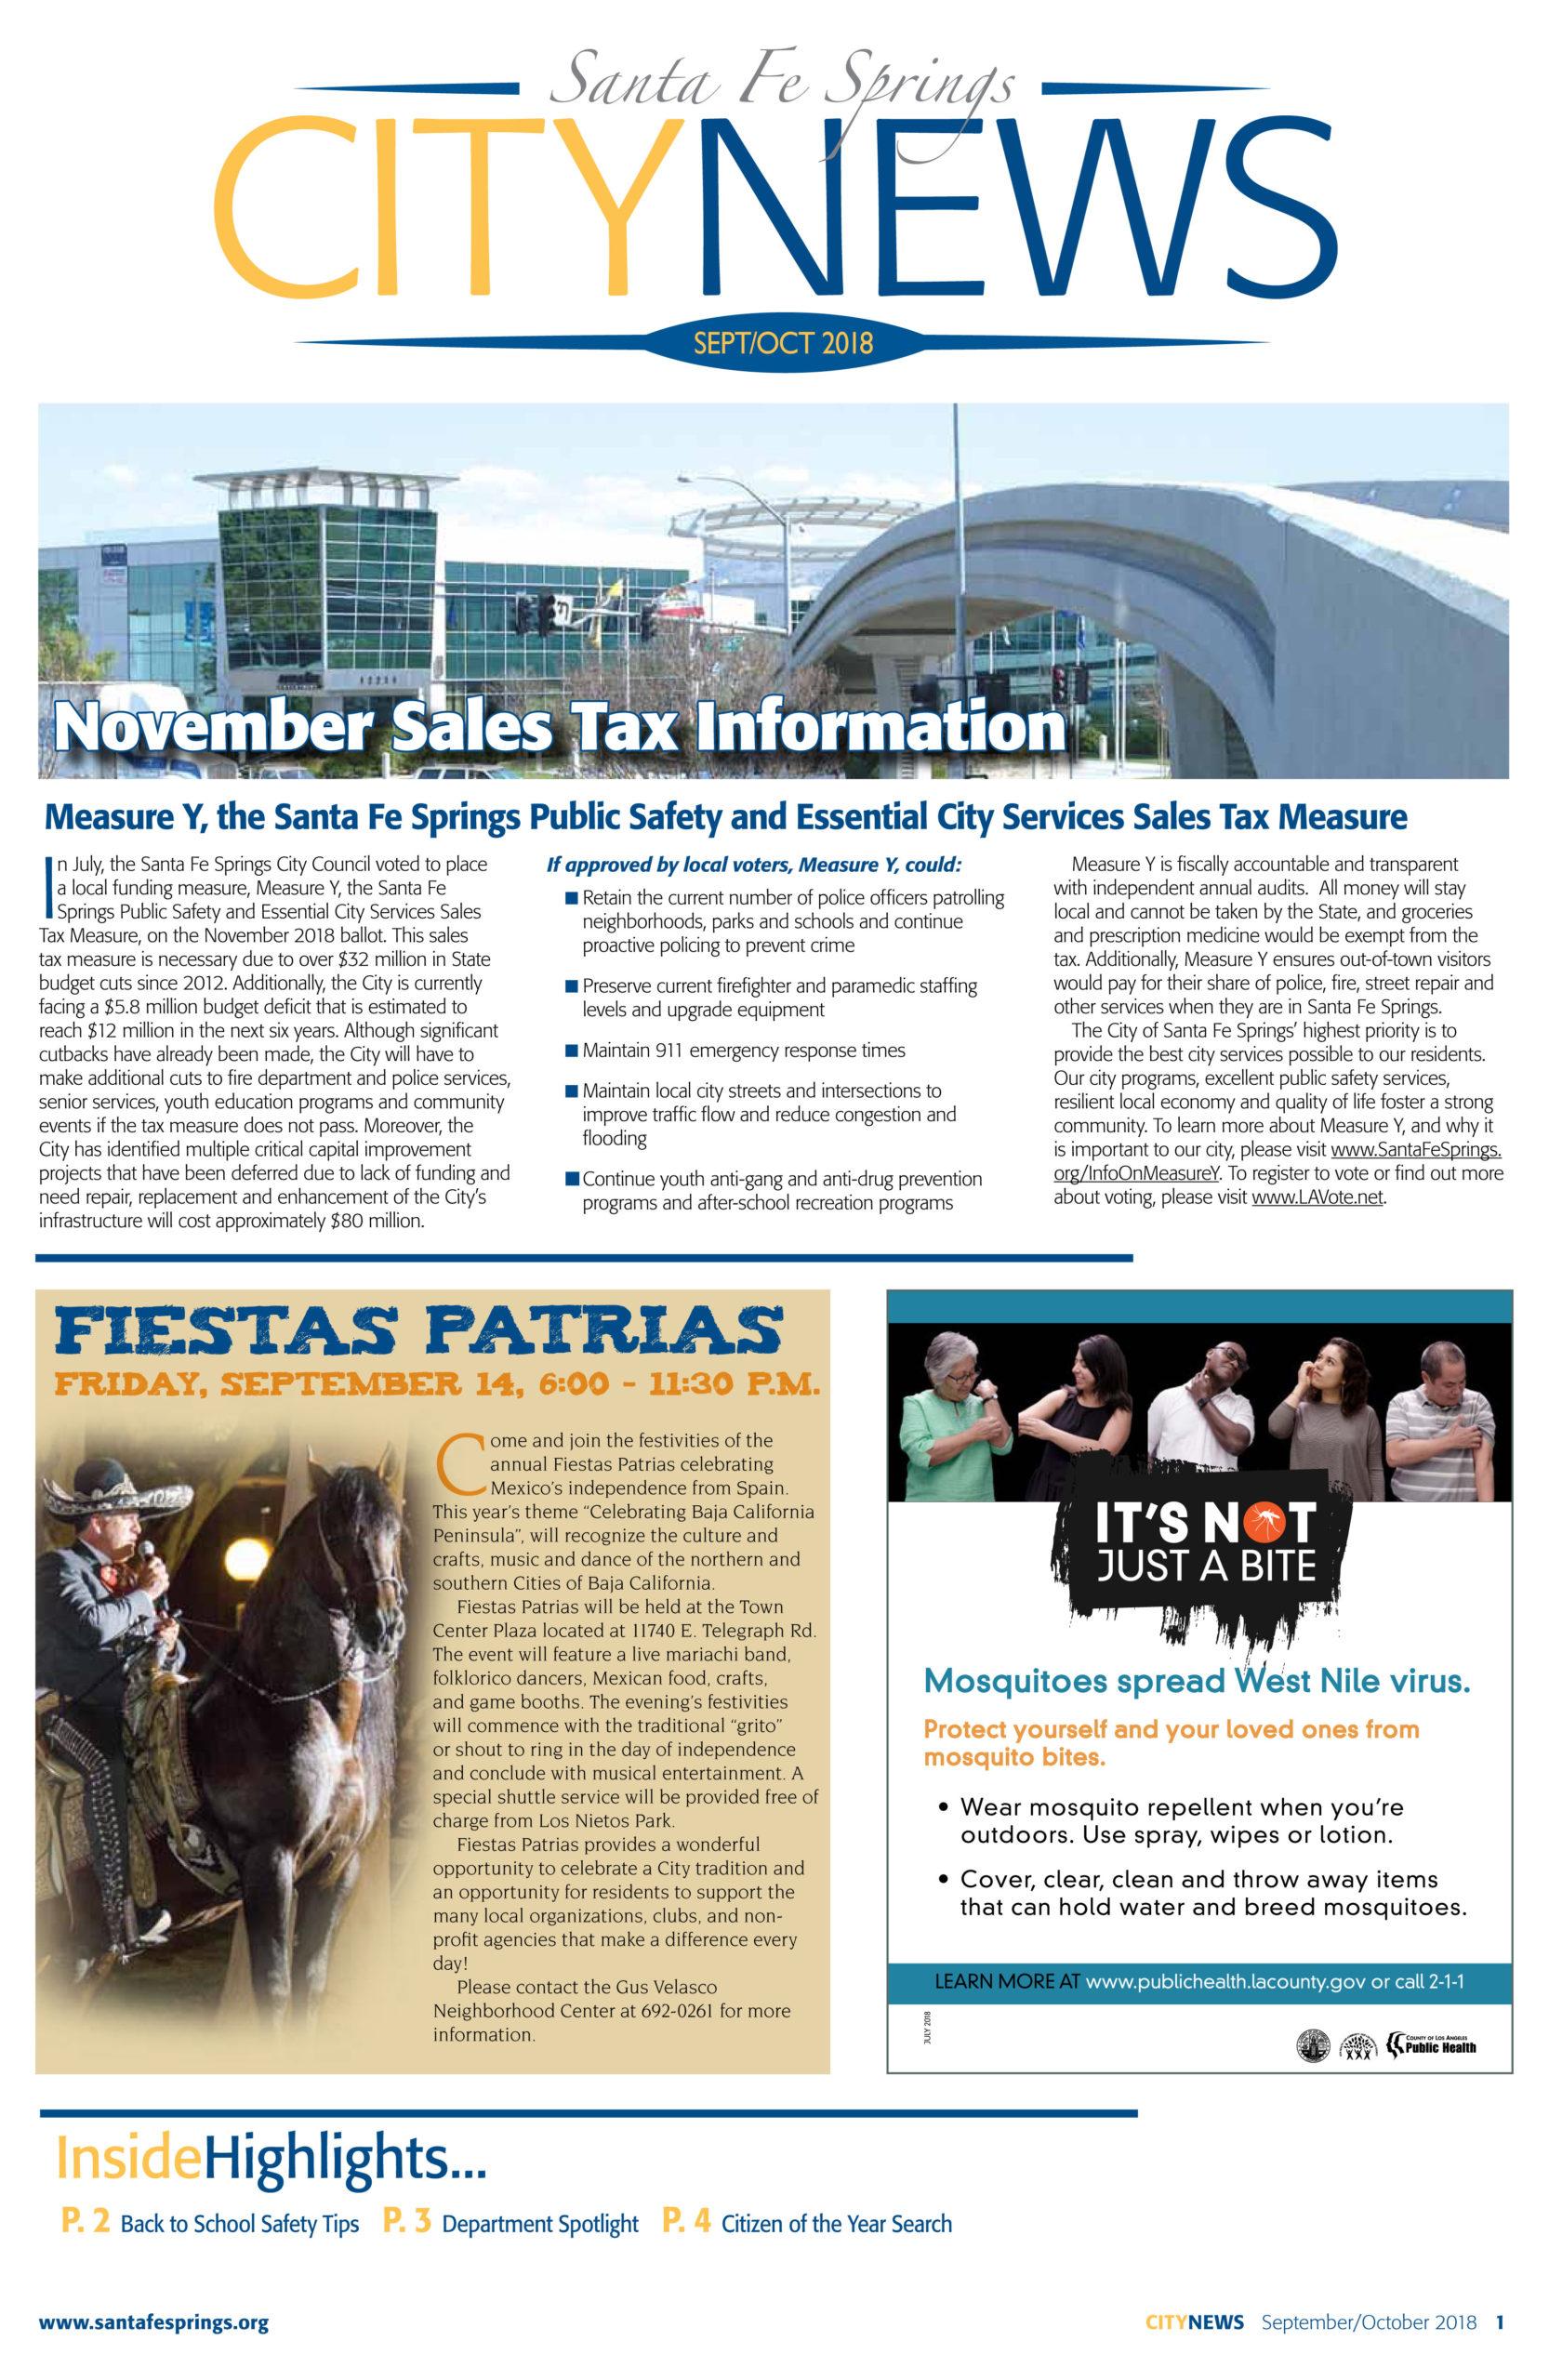 SFS city news